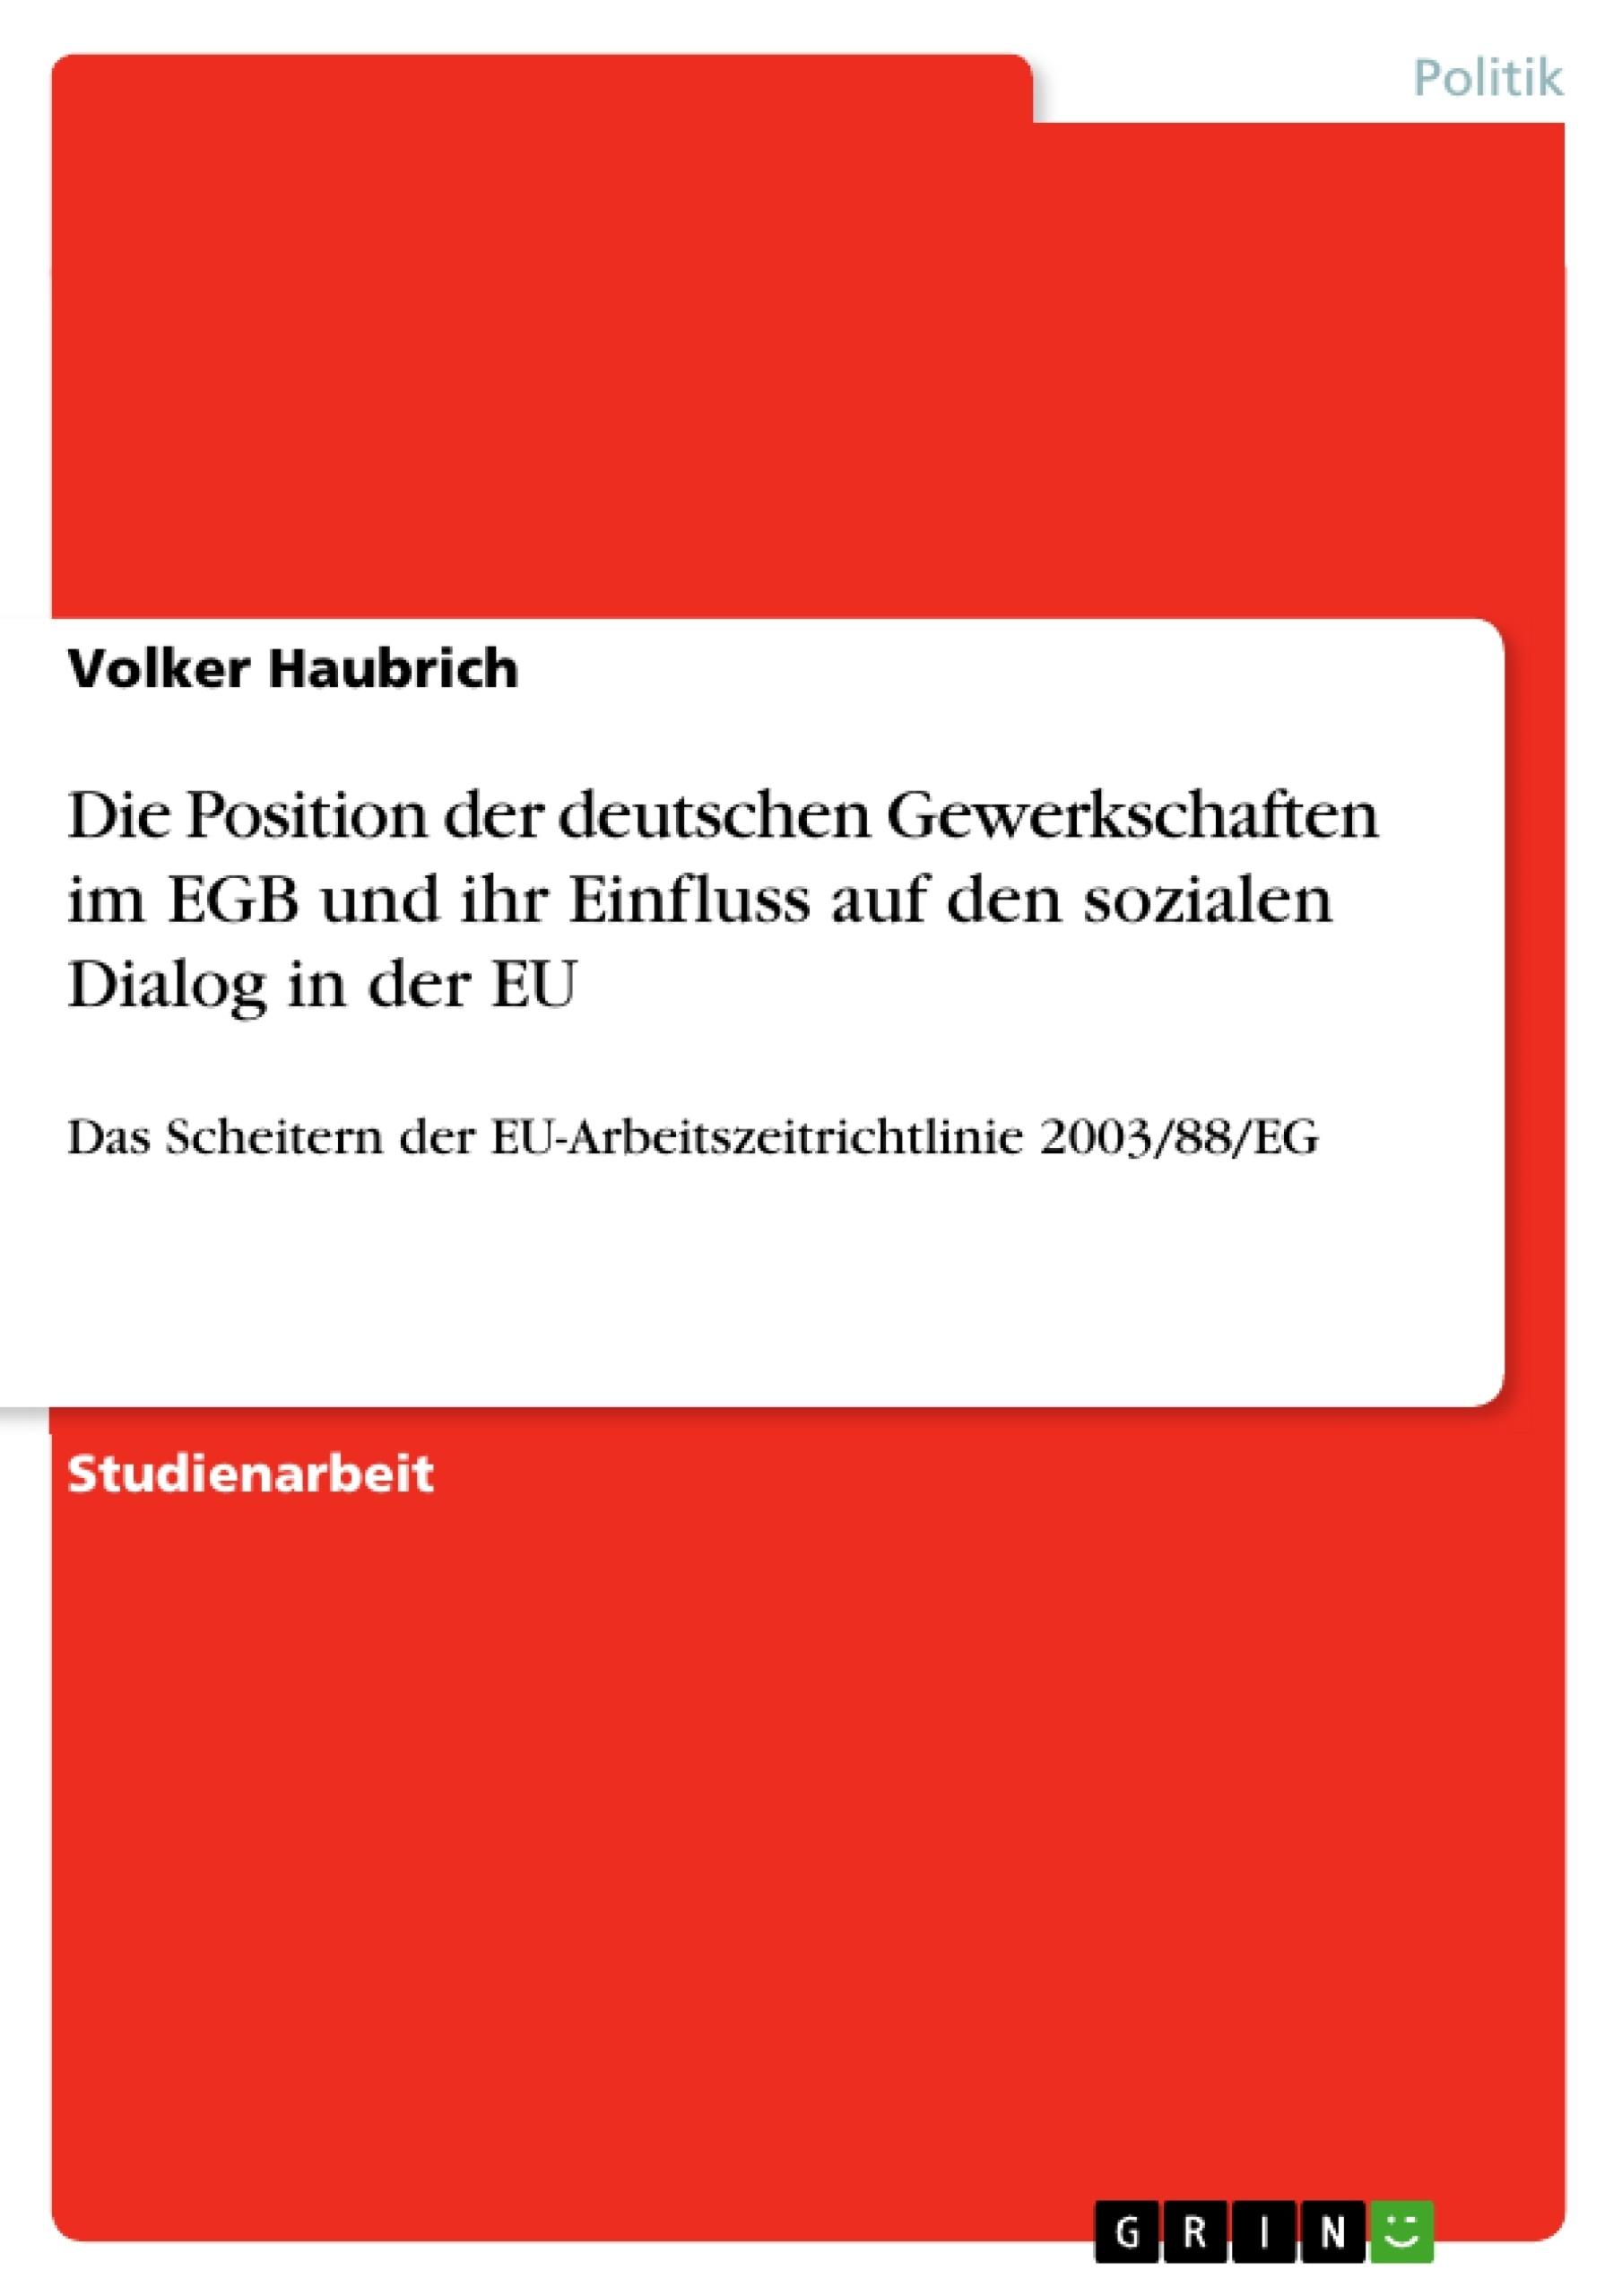 Titel: Die Position der deutschen Gewerkschaften im EGB und ihr Einfluss auf den sozialen Dialog in der EU